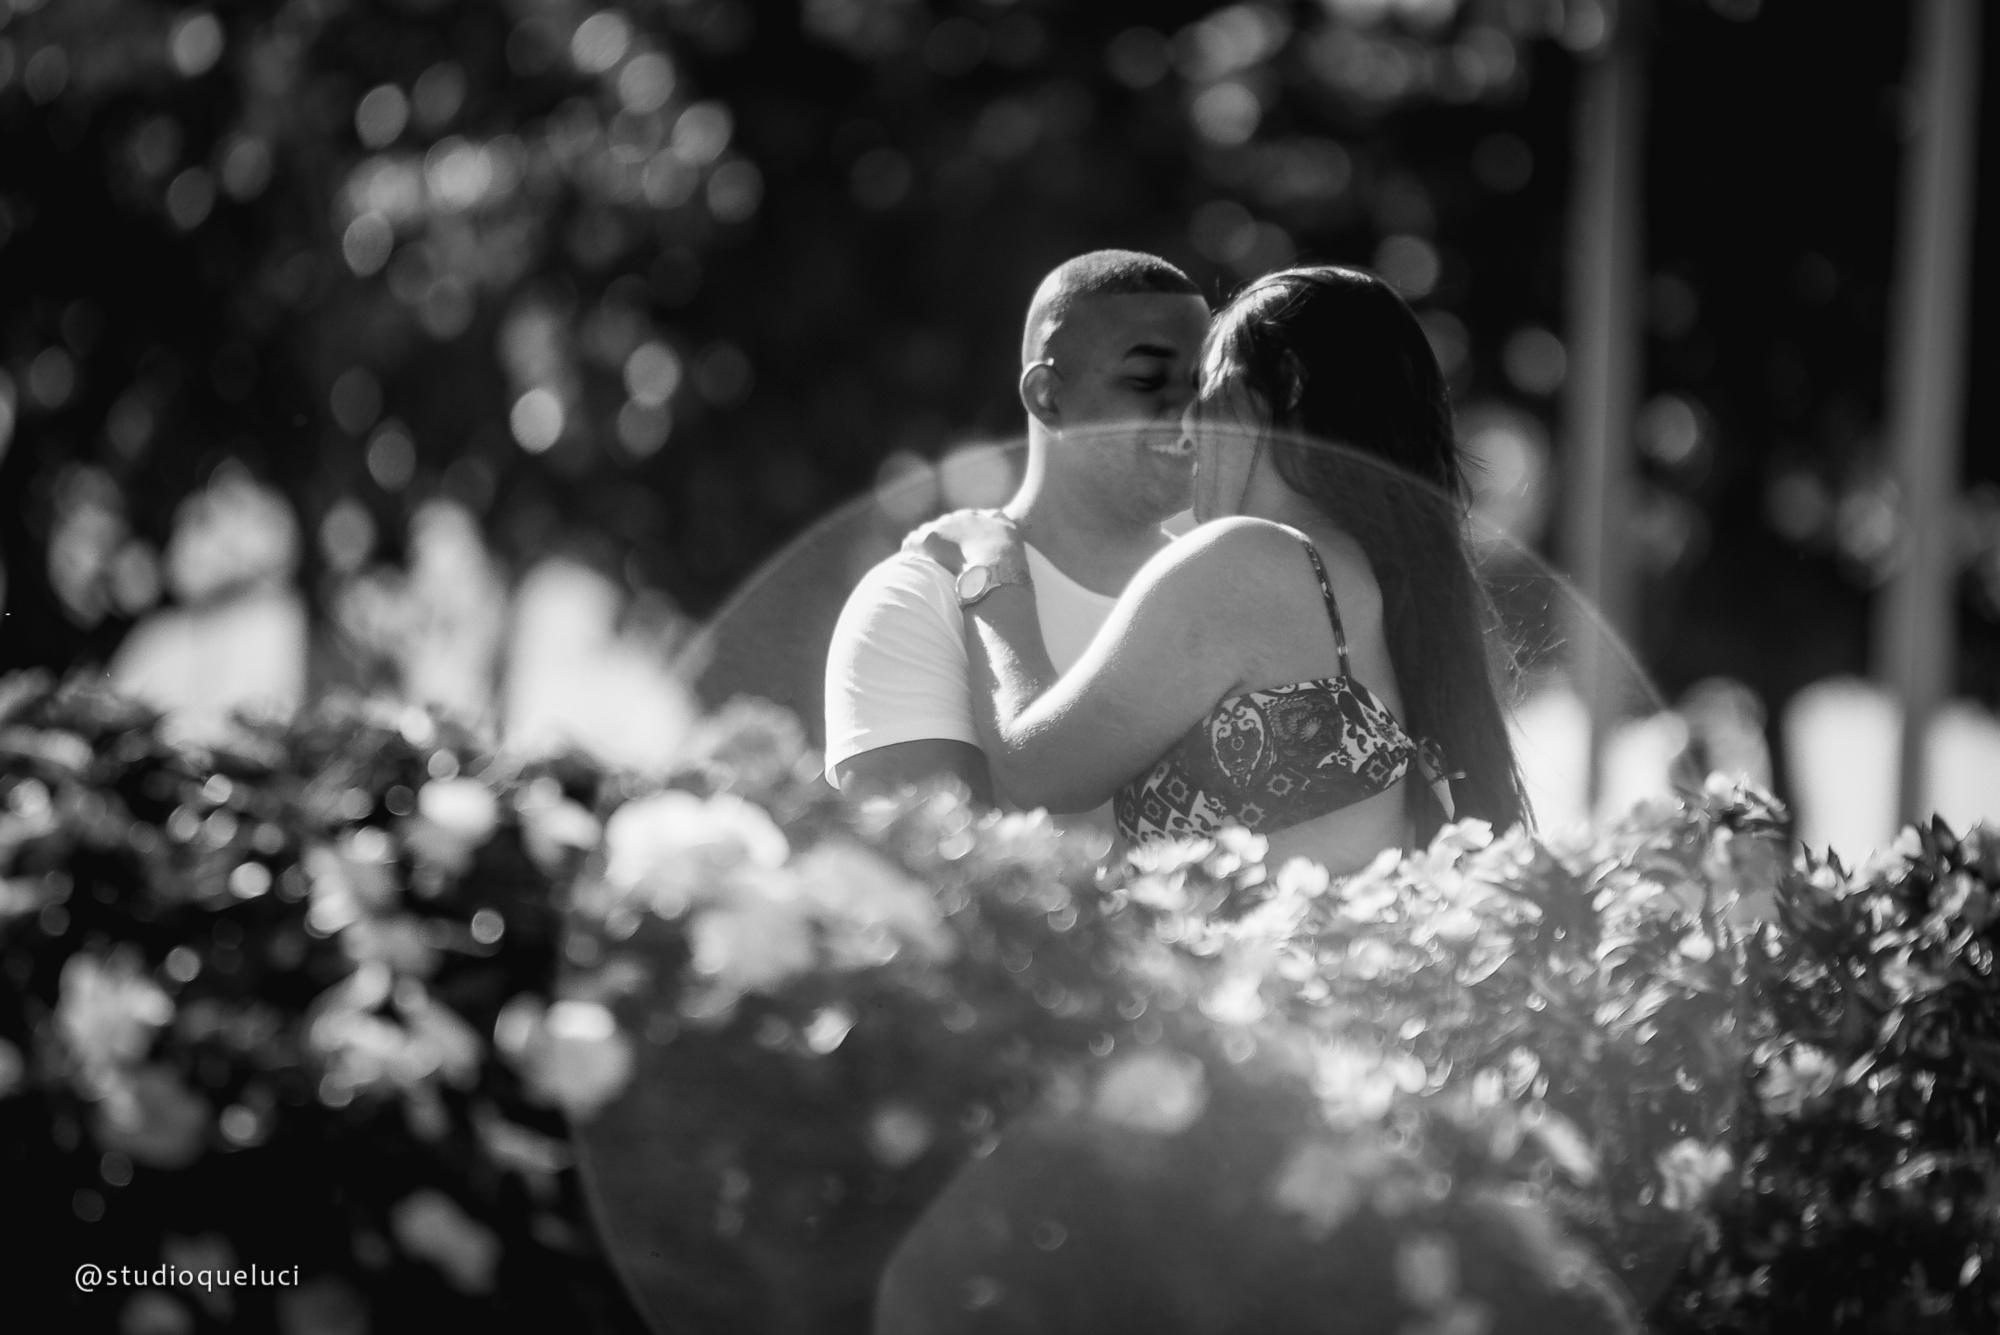 Fotografo de casamento ensaio pre casamento (36)